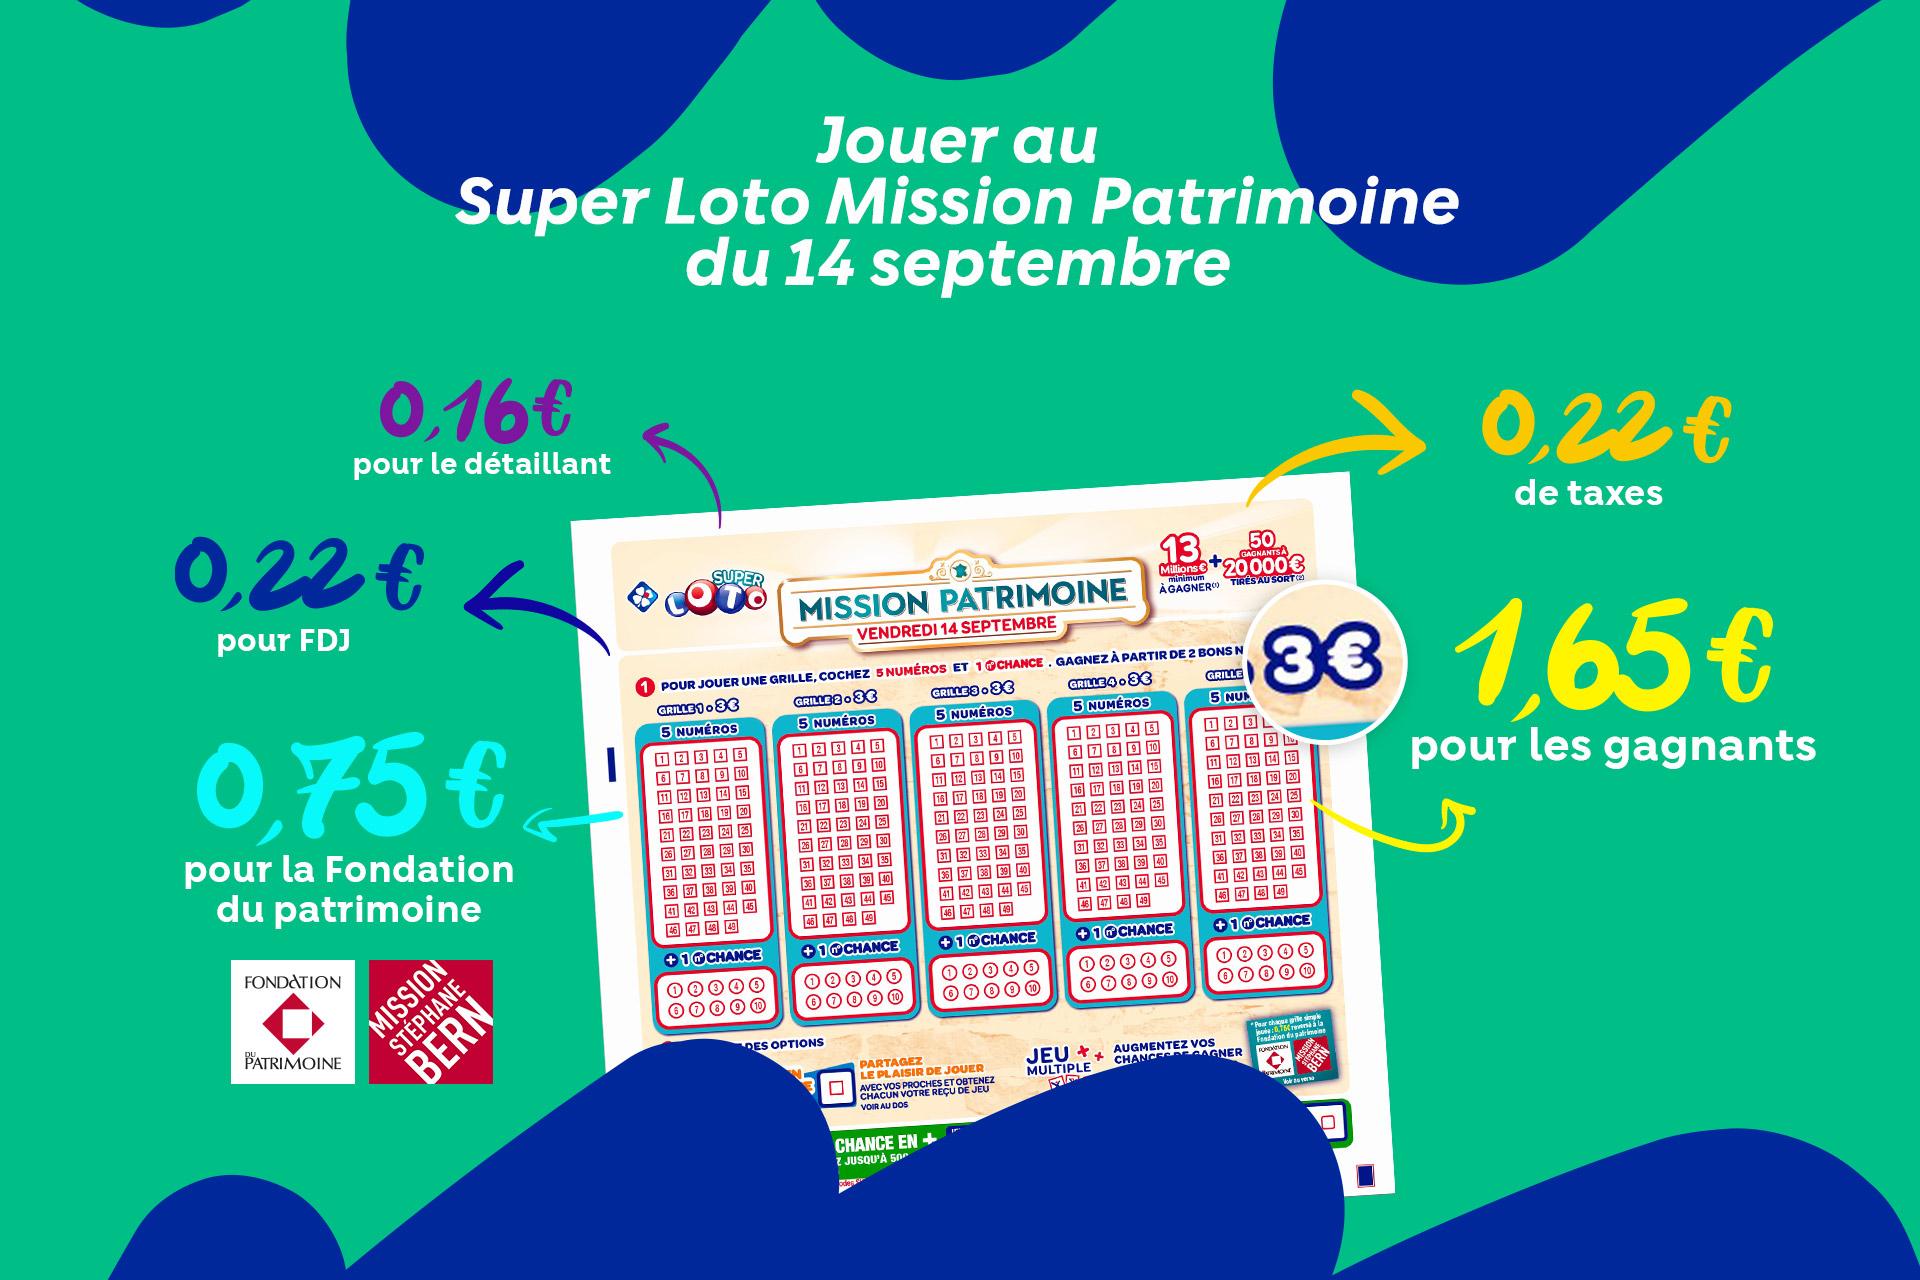 Découvrez l'offre de tirage Loto Patrimoine sur FDJ.fr